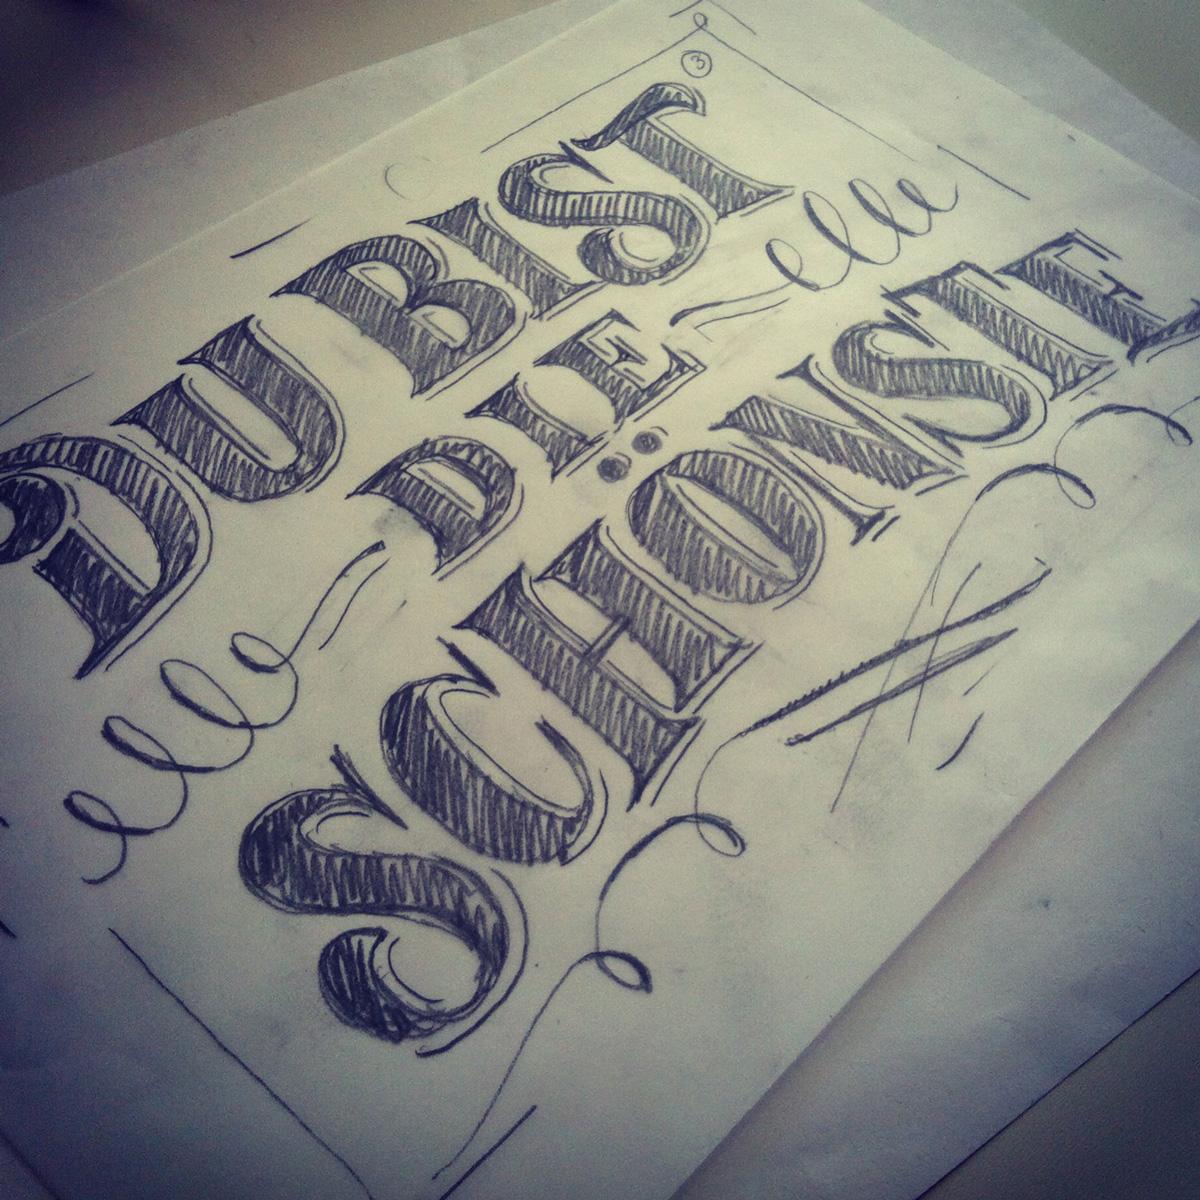 Martina Flor, Workshop Sketch: Die Bist die Schönste